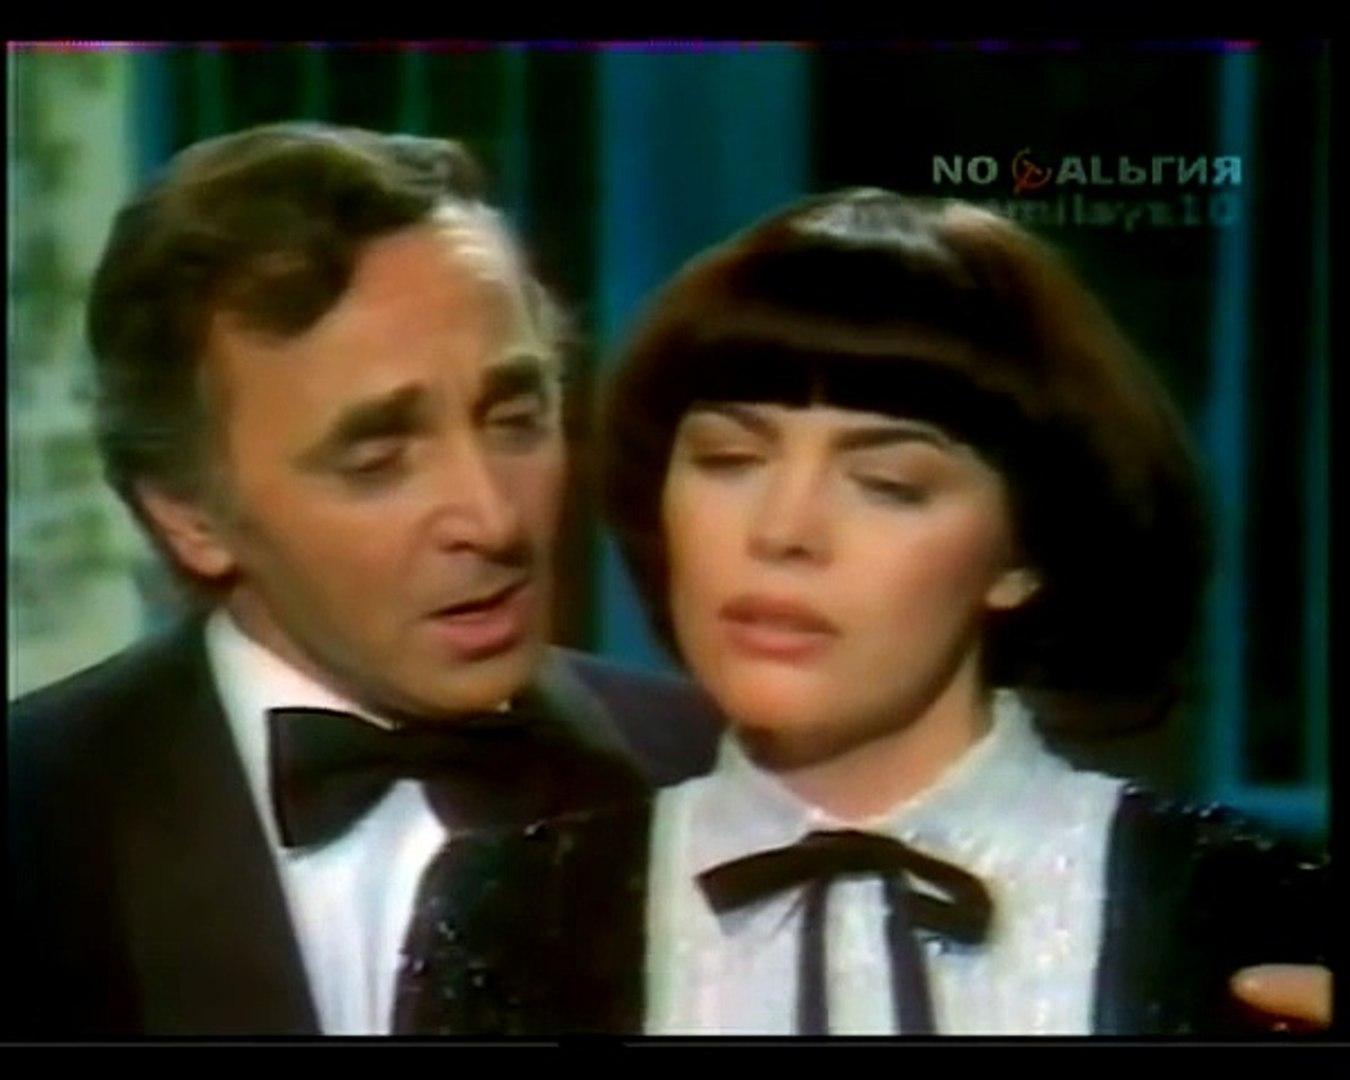 ETERNAL LOVE - Mireille Mathieu and Charles Aznavour.    ВЕЧНАЯ ЛЮБОВЬ - Мирей Матье и Шарль Азнавур